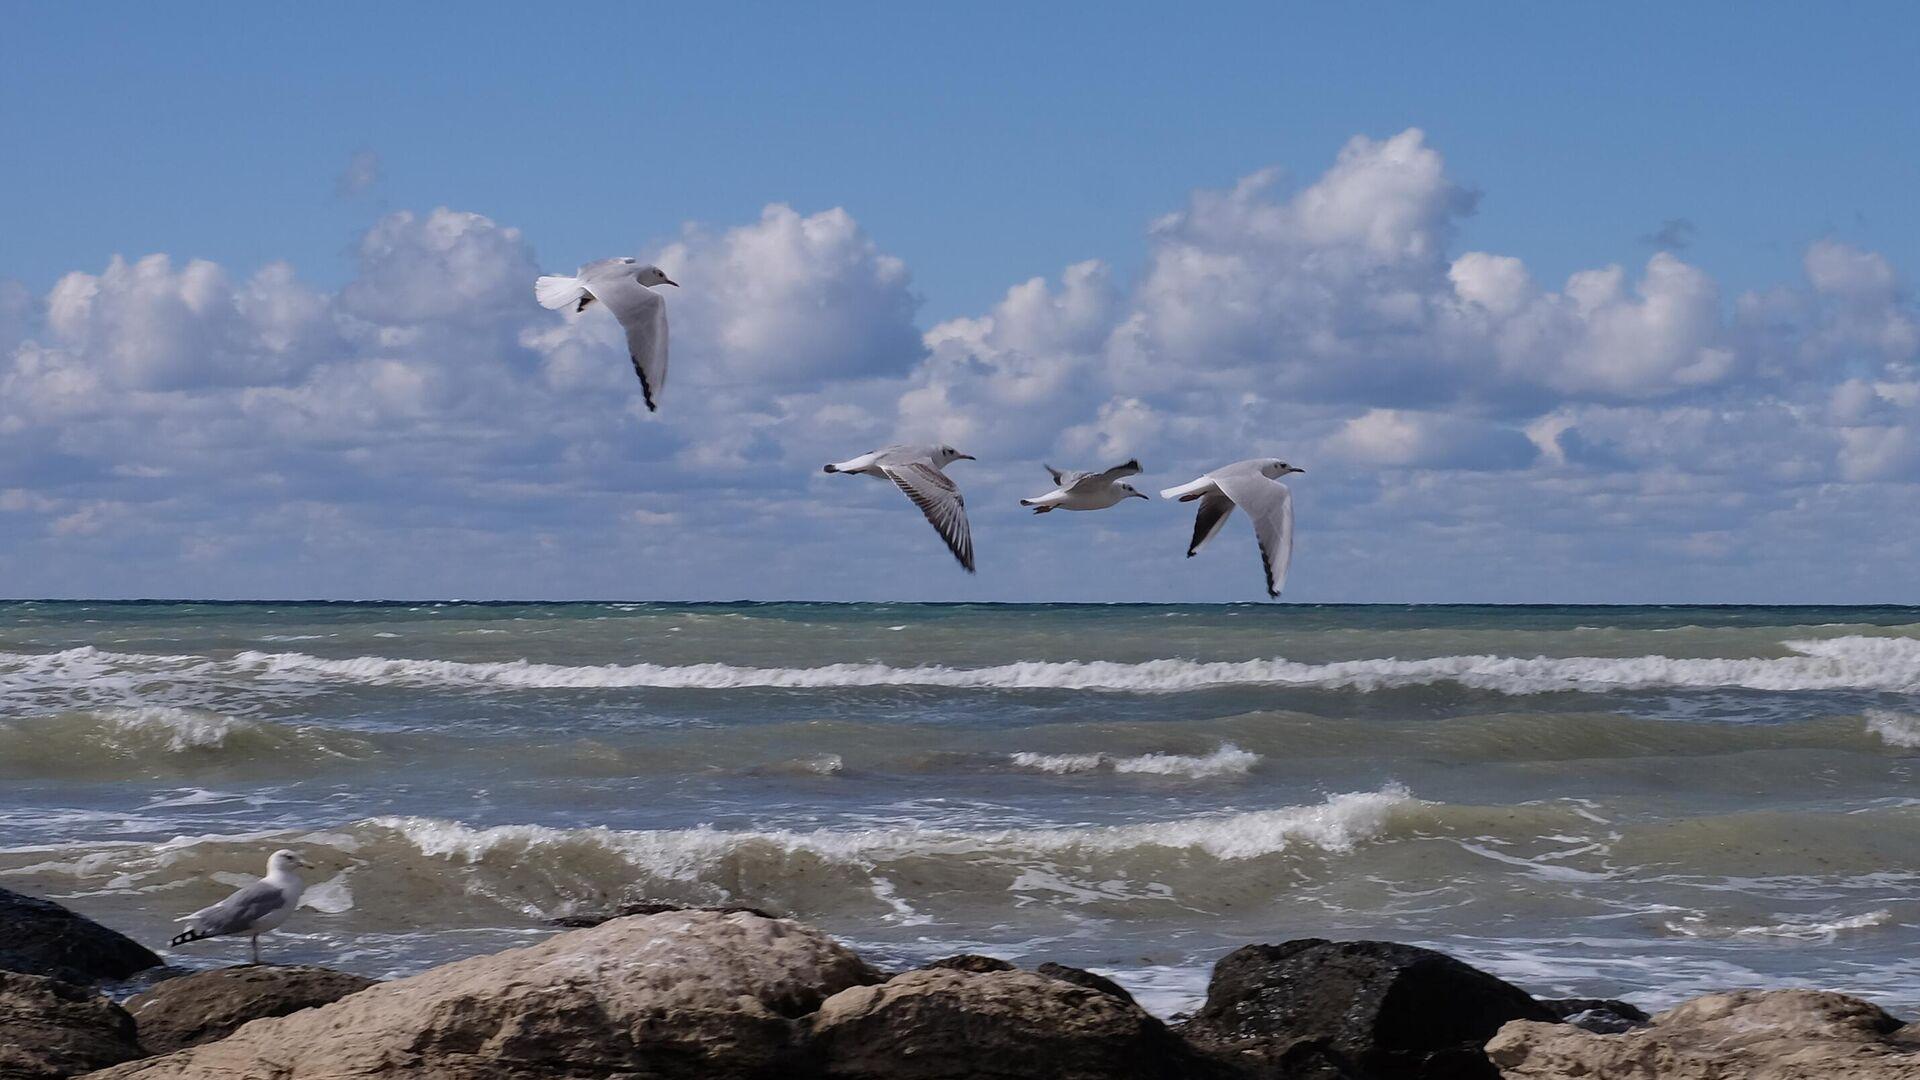 Серебристые чайки на Каспийском море в Актау - РИА Новости, 1920, 24.09.2021